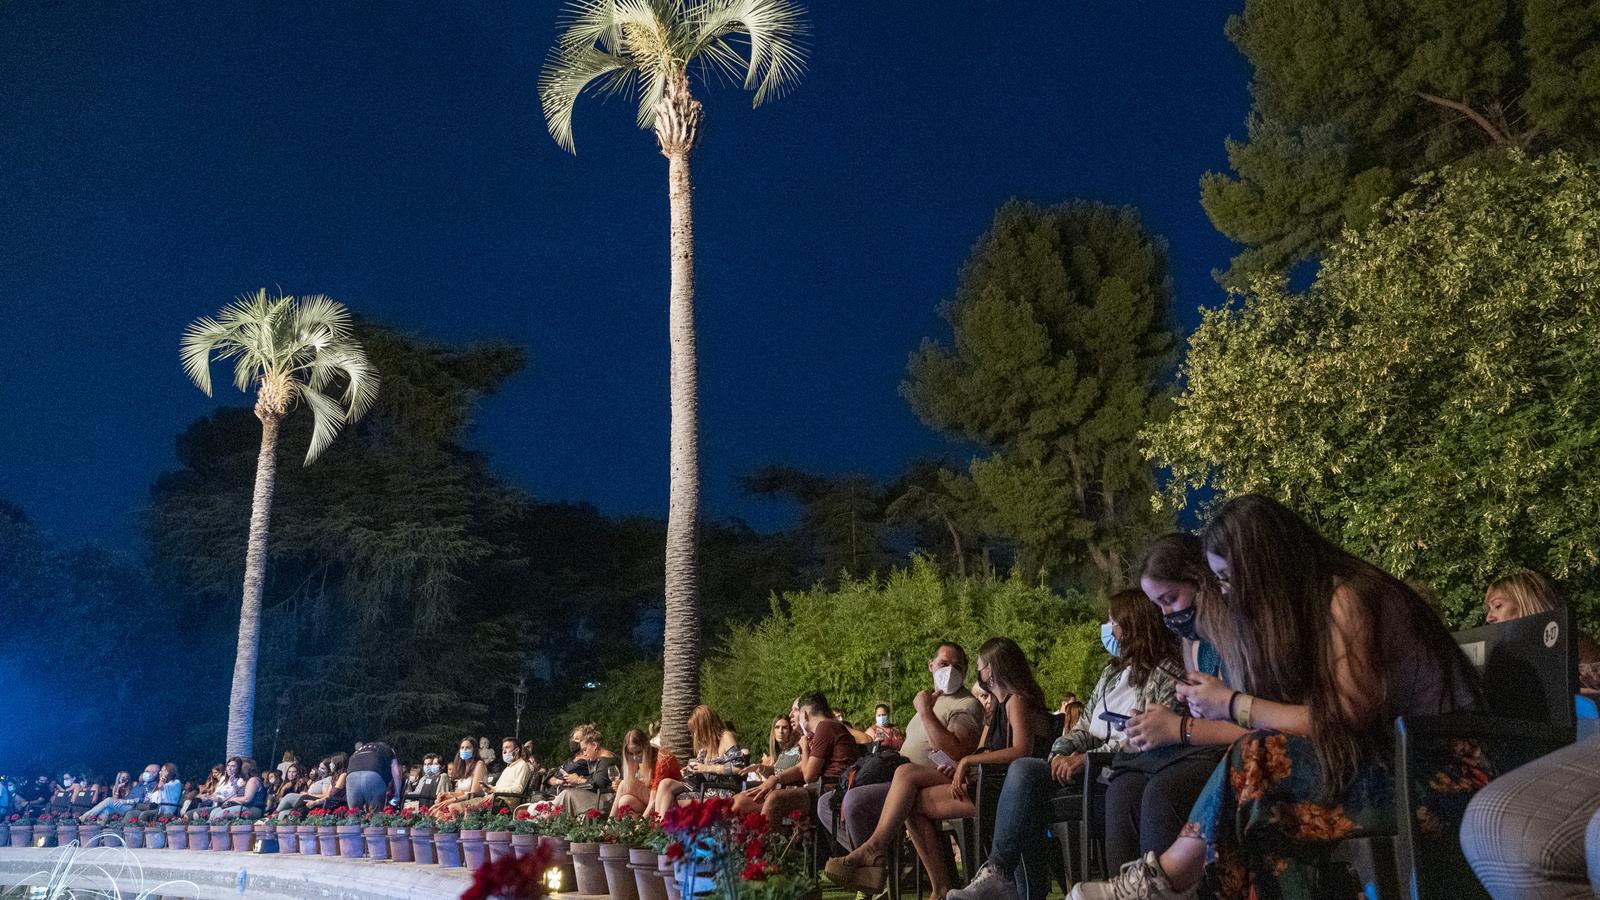 Públic al voltant de la font de Pedralbes durant el concert de Pablo López